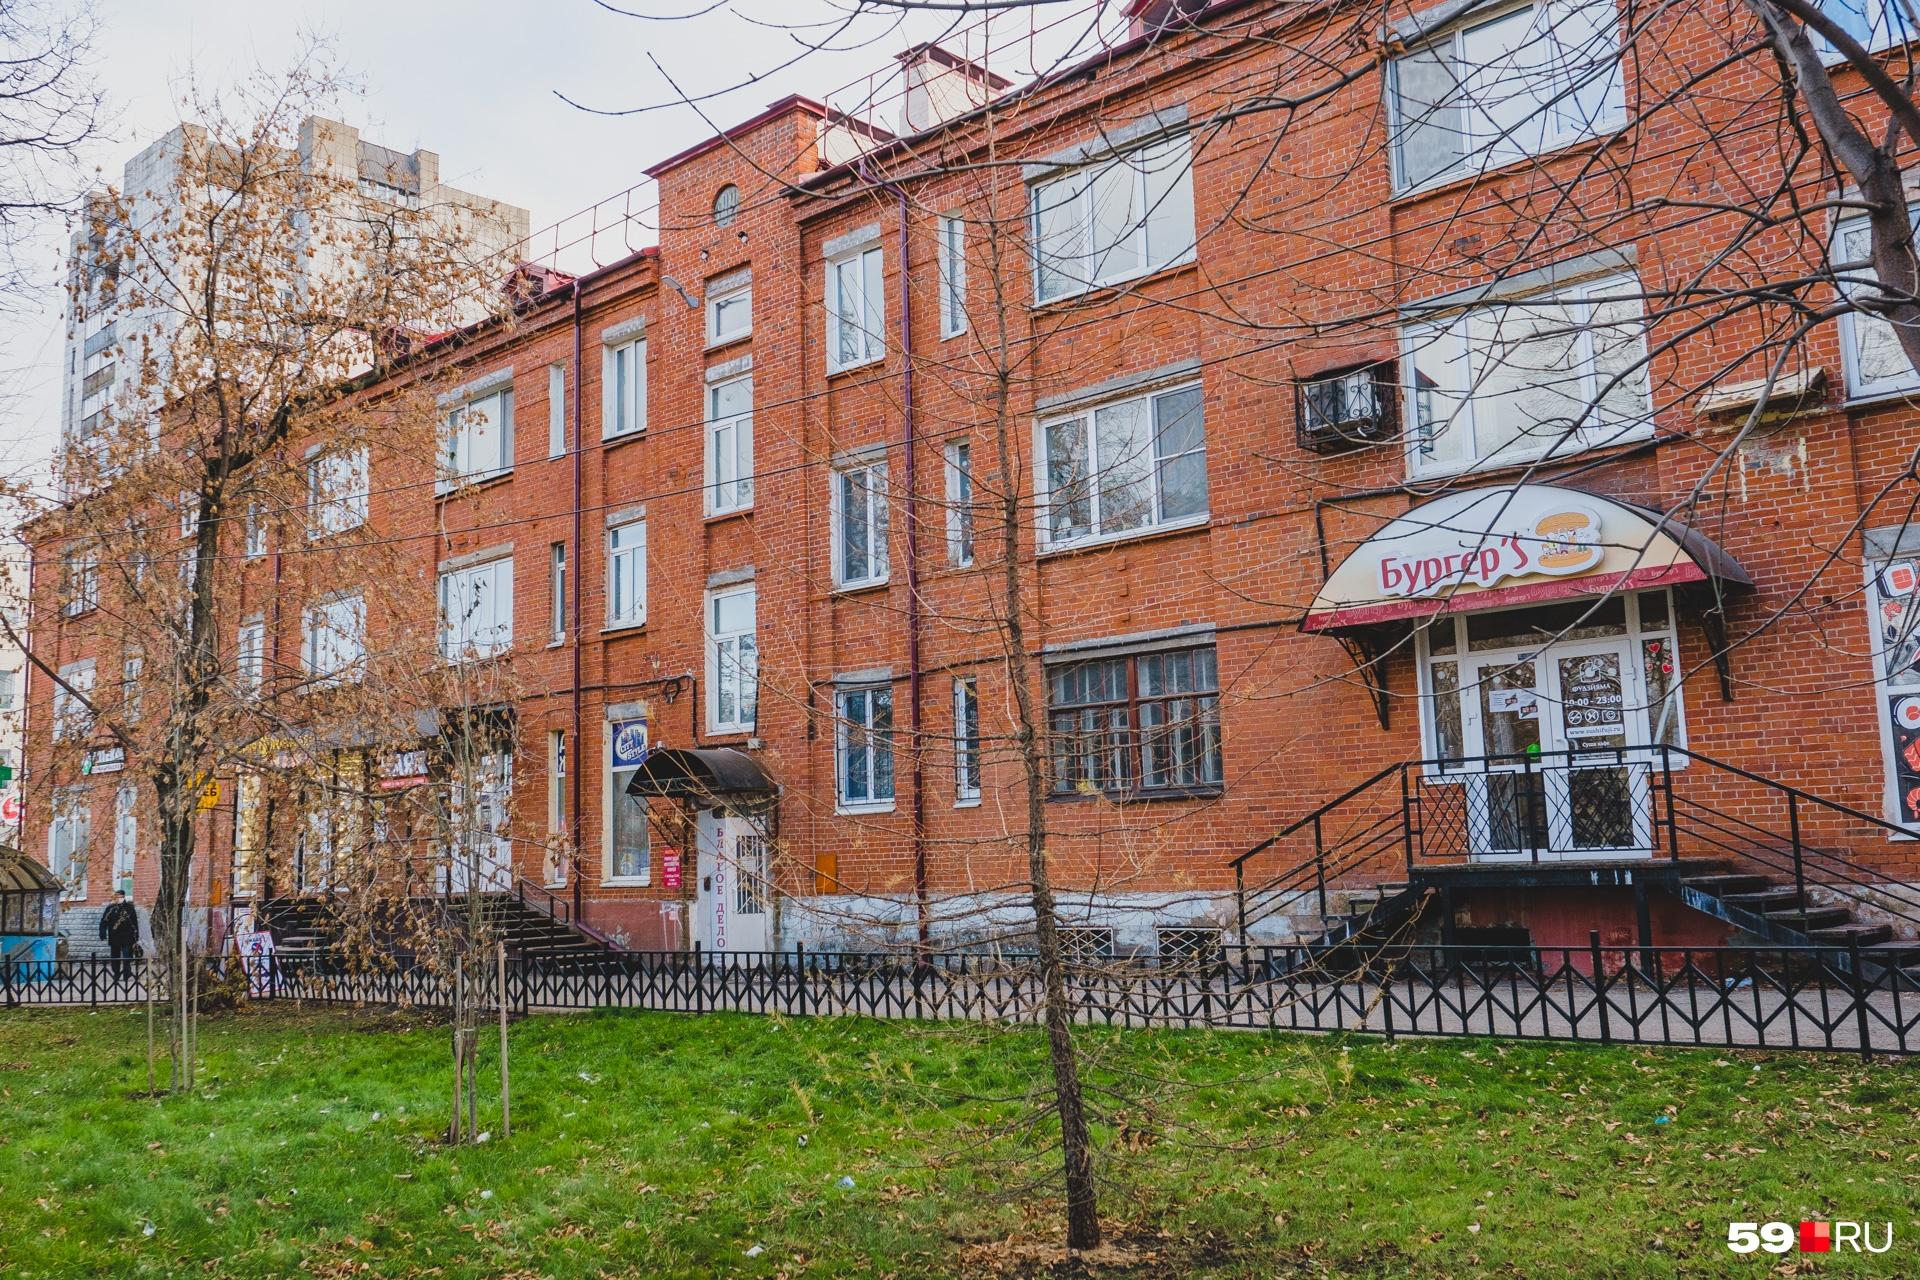 Дом на Уральской, 75, преобразился